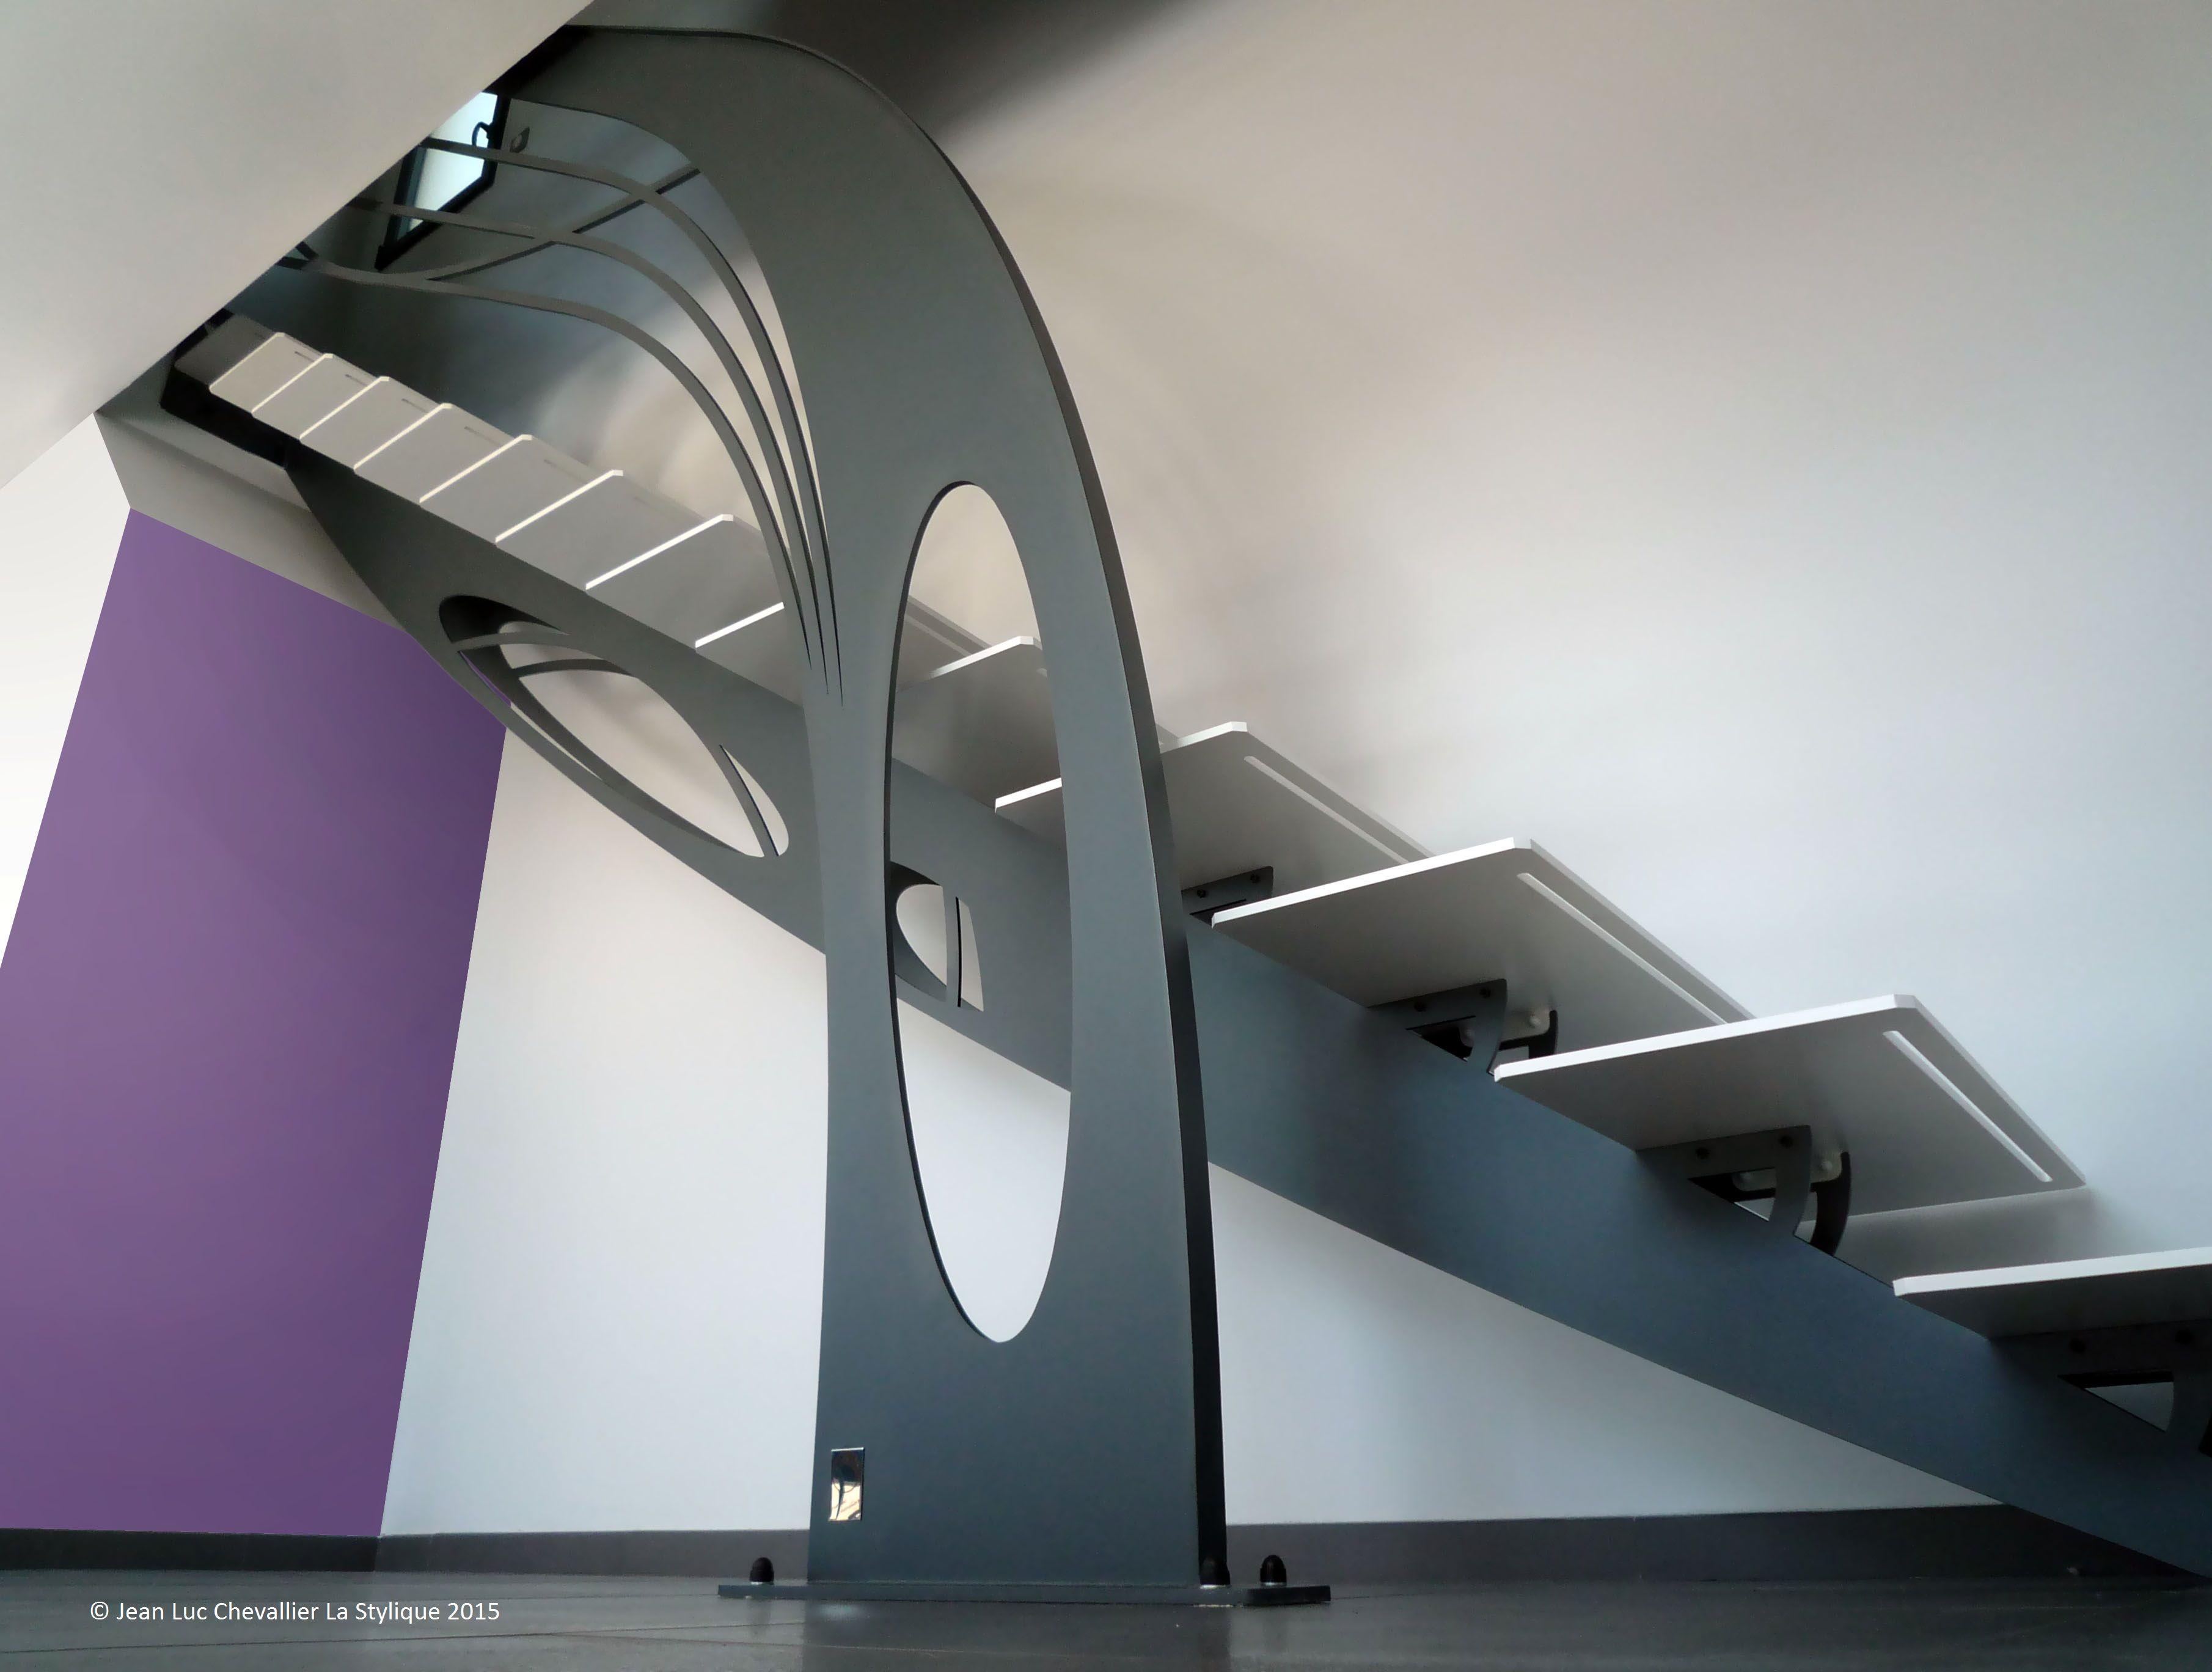 cr ation d escalier design sculptural escalier design tournai et art nouveau. Black Bedroom Furniture Sets. Home Design Ideas